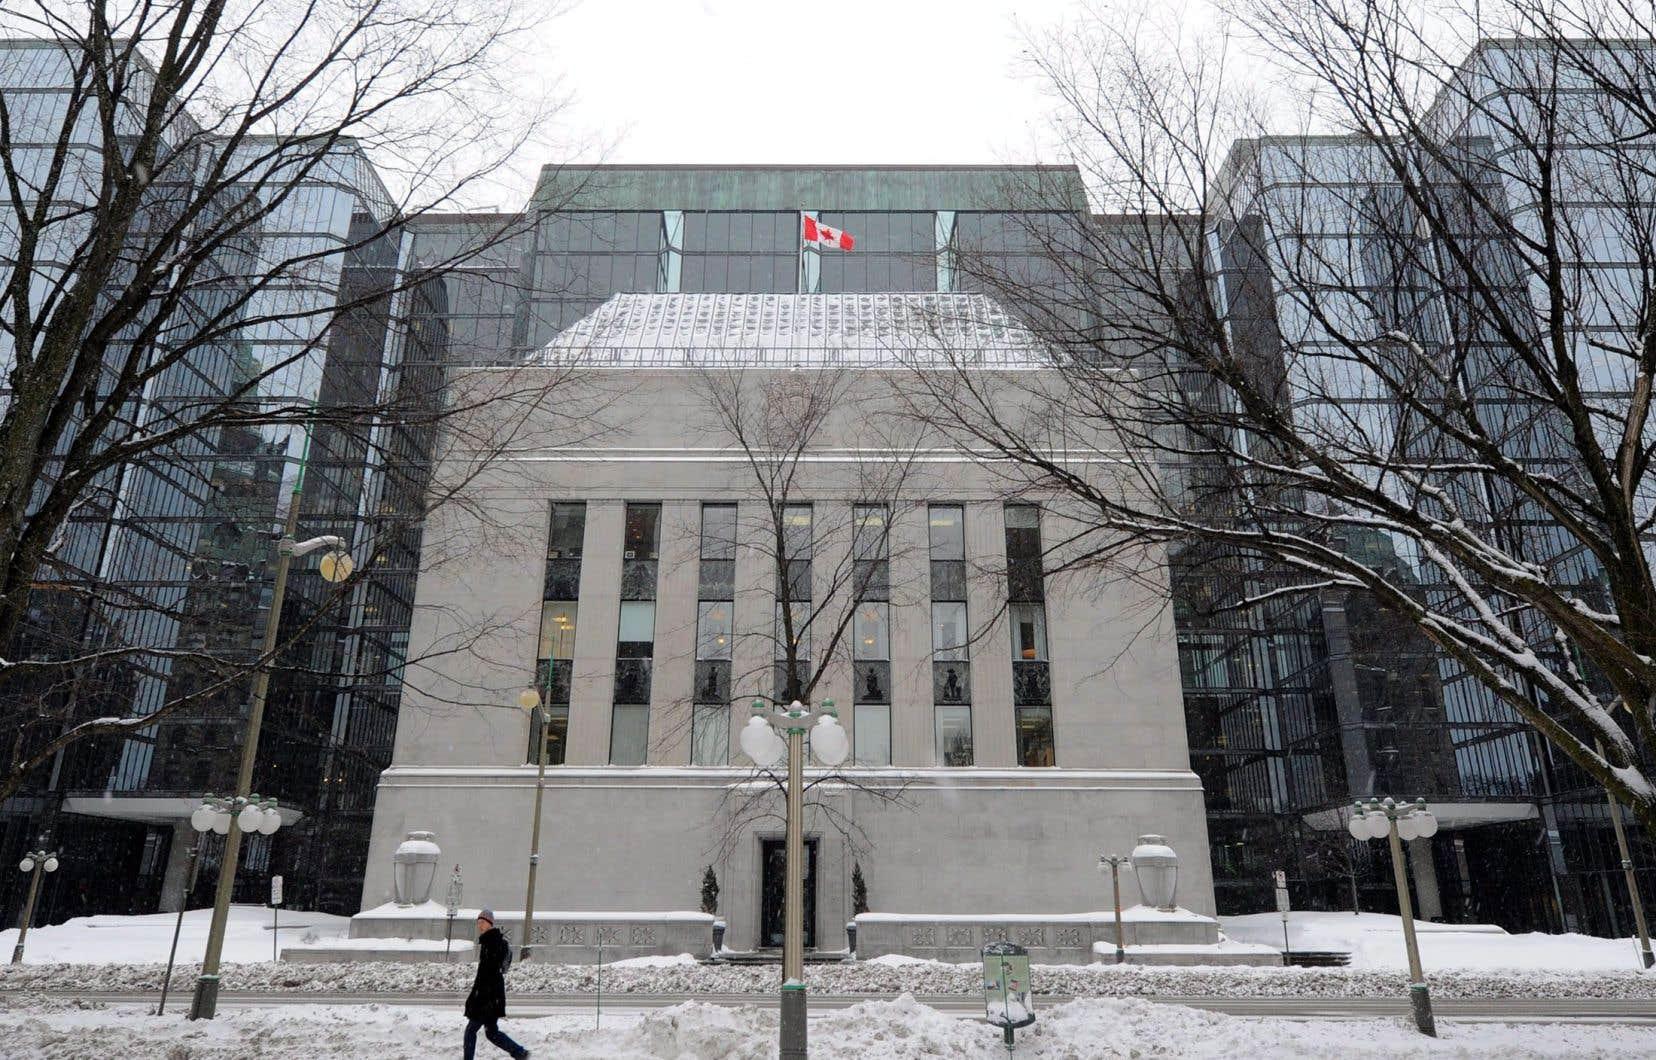 La Banque du Canada a prévenu que la propagation de la COVID-19 a des «conséquences sérieuses pour les Canadiens et pour l'économie, tout comme la chute marquée des prix mondiaux du pétrole».